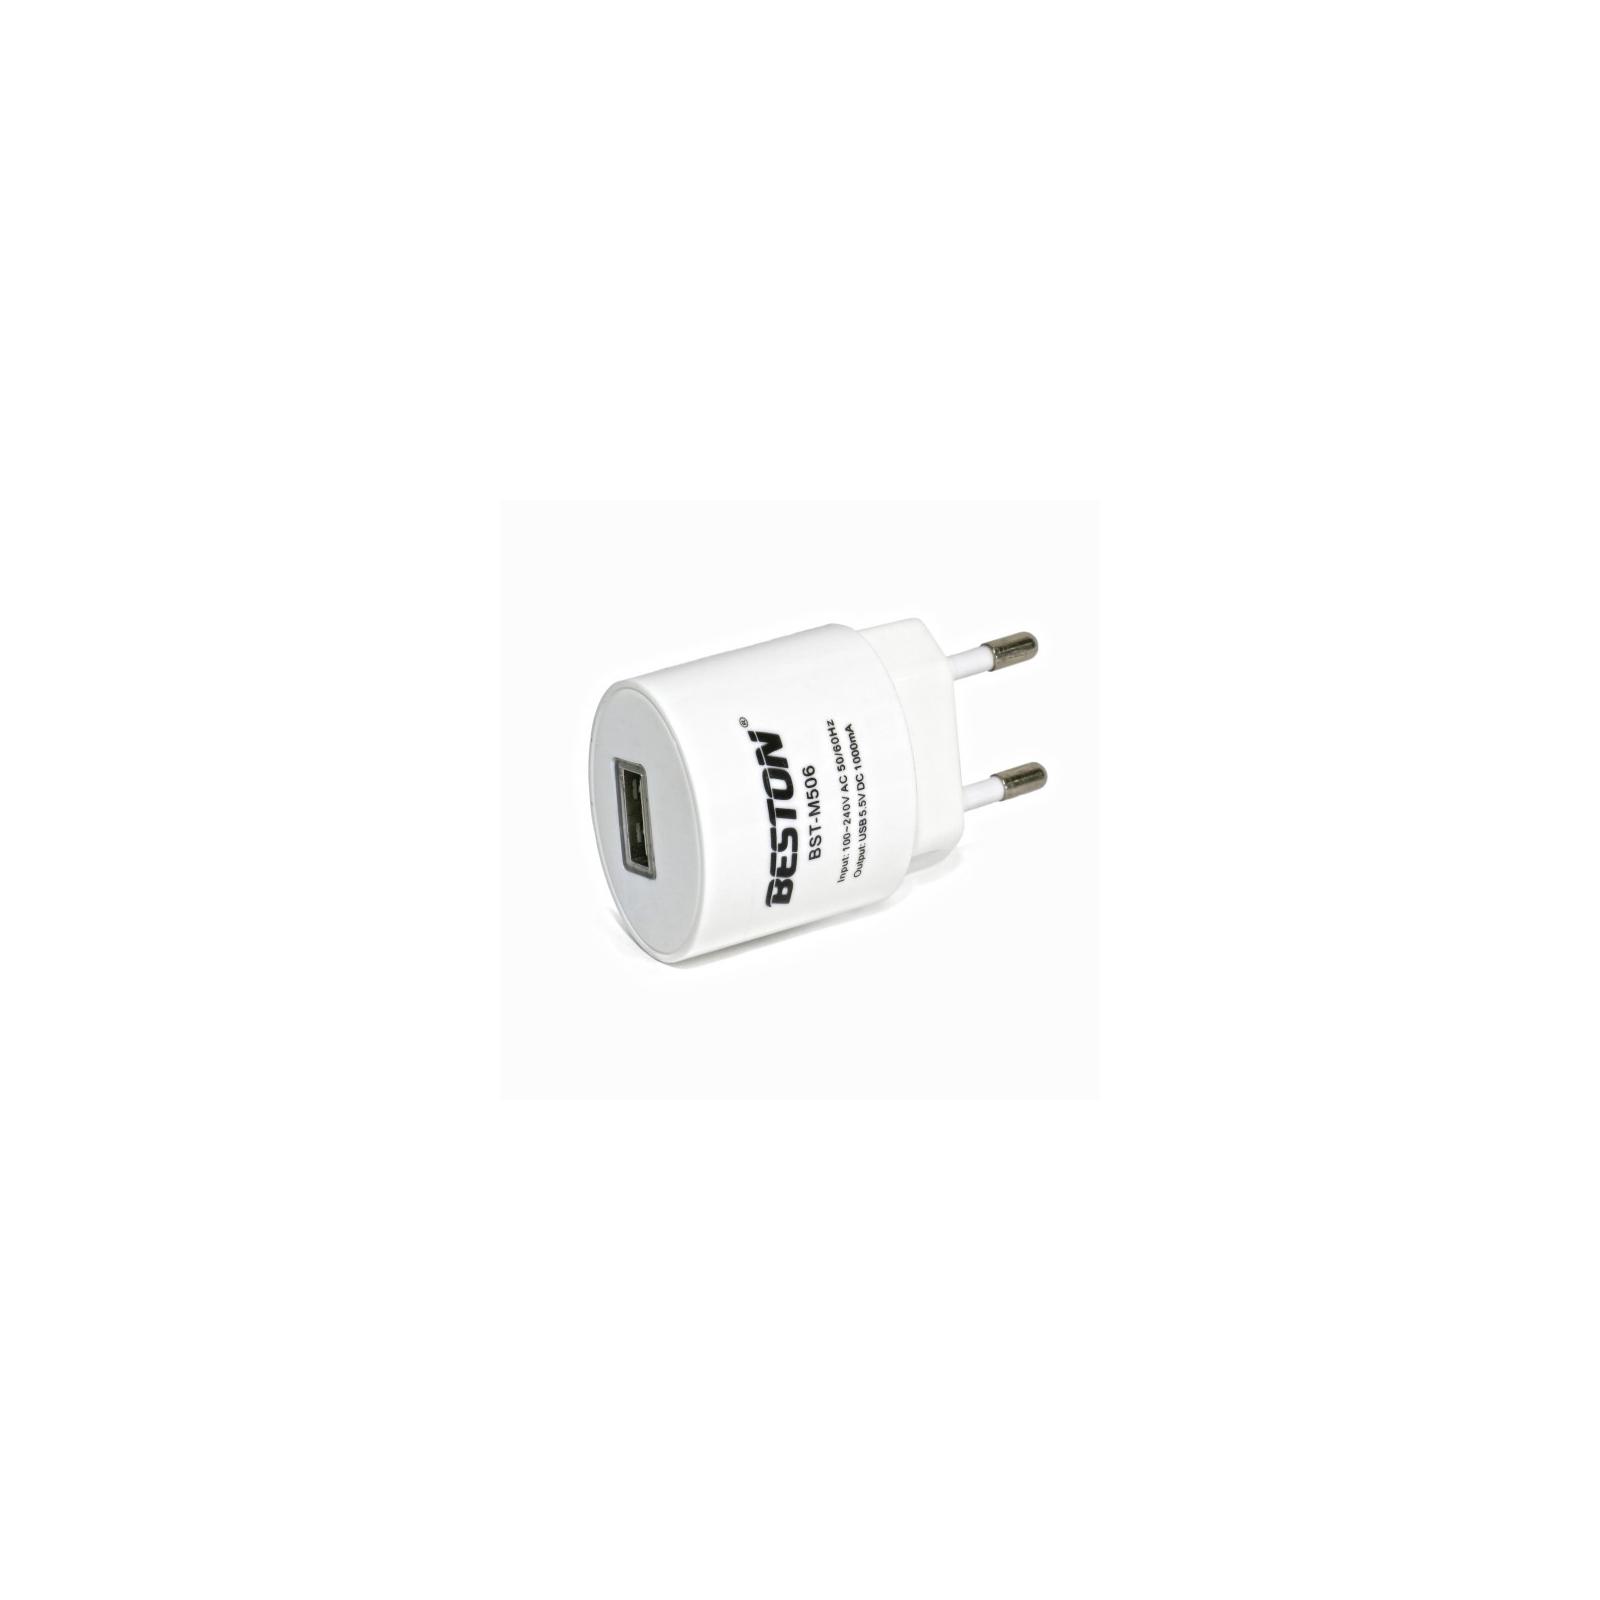 Зарядное устройство EXTRADIGITAL BESTON BST-M506 (CUB1526) изображение 3